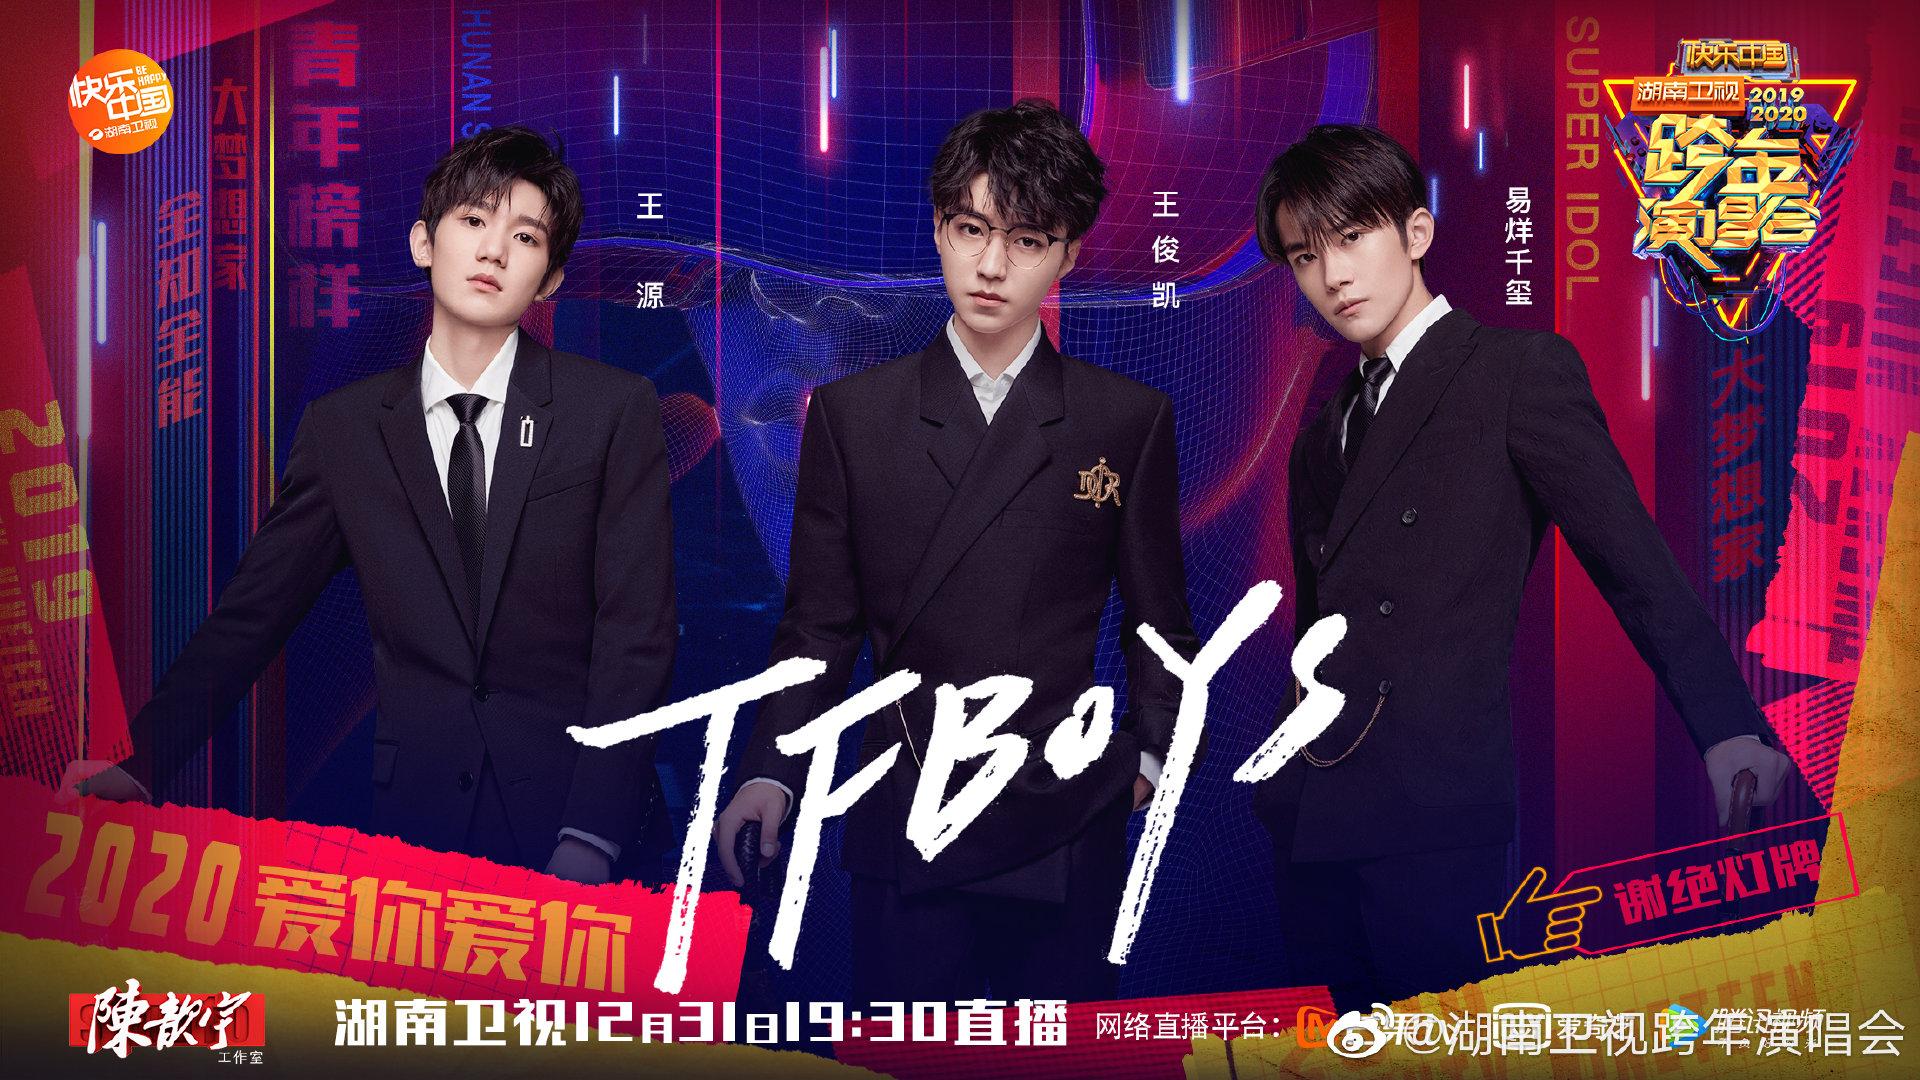 湖南卫视跨年演唱会正式官宣